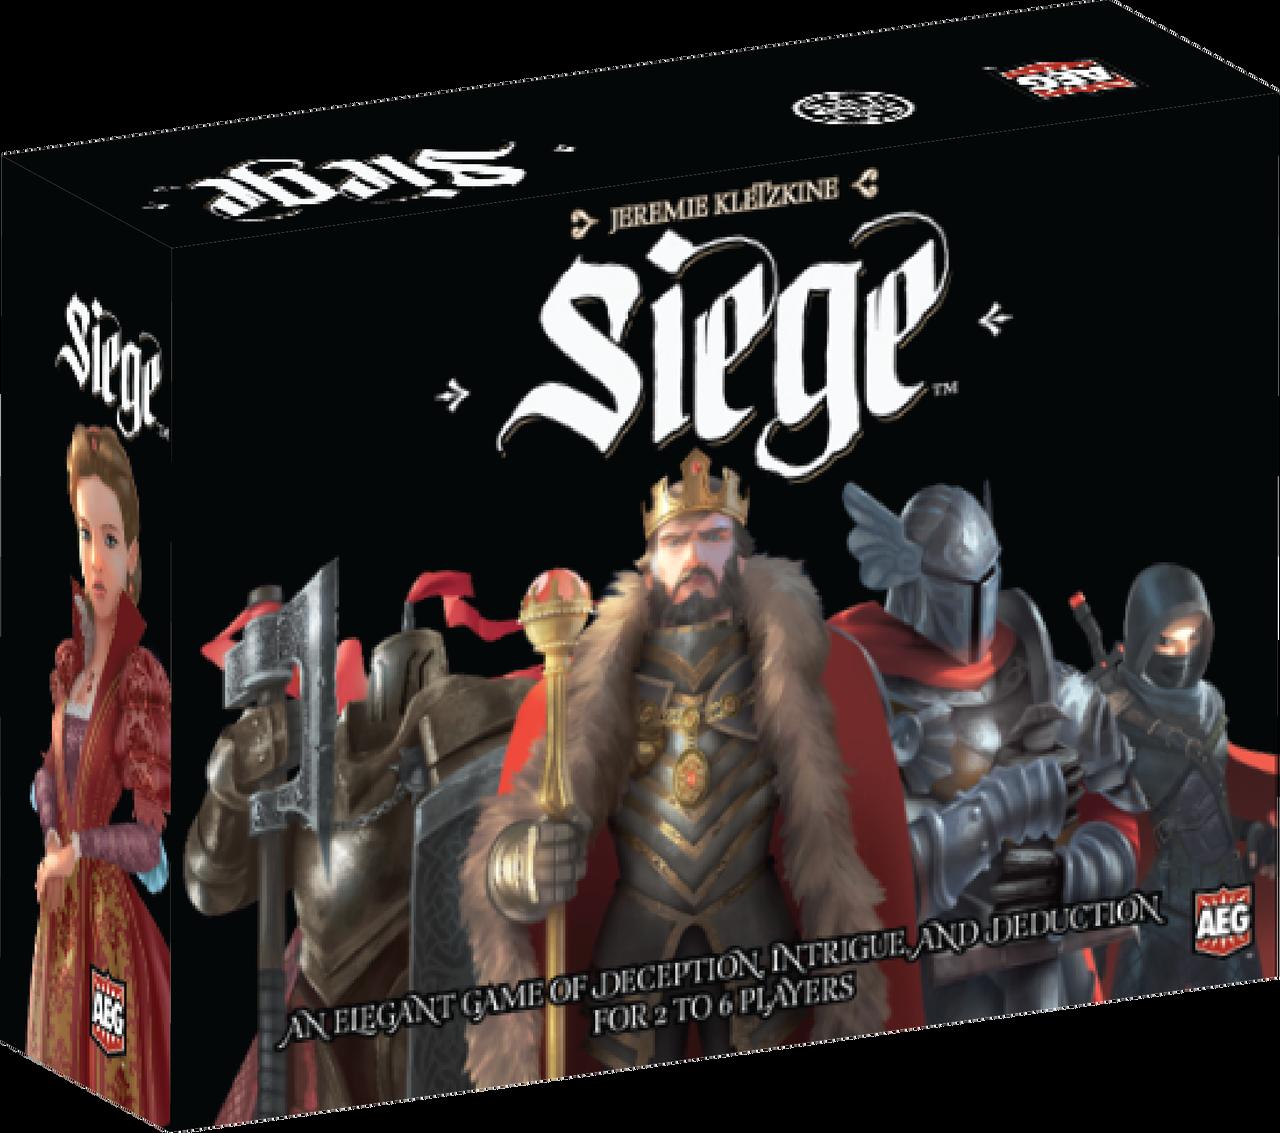 siege_3d_box